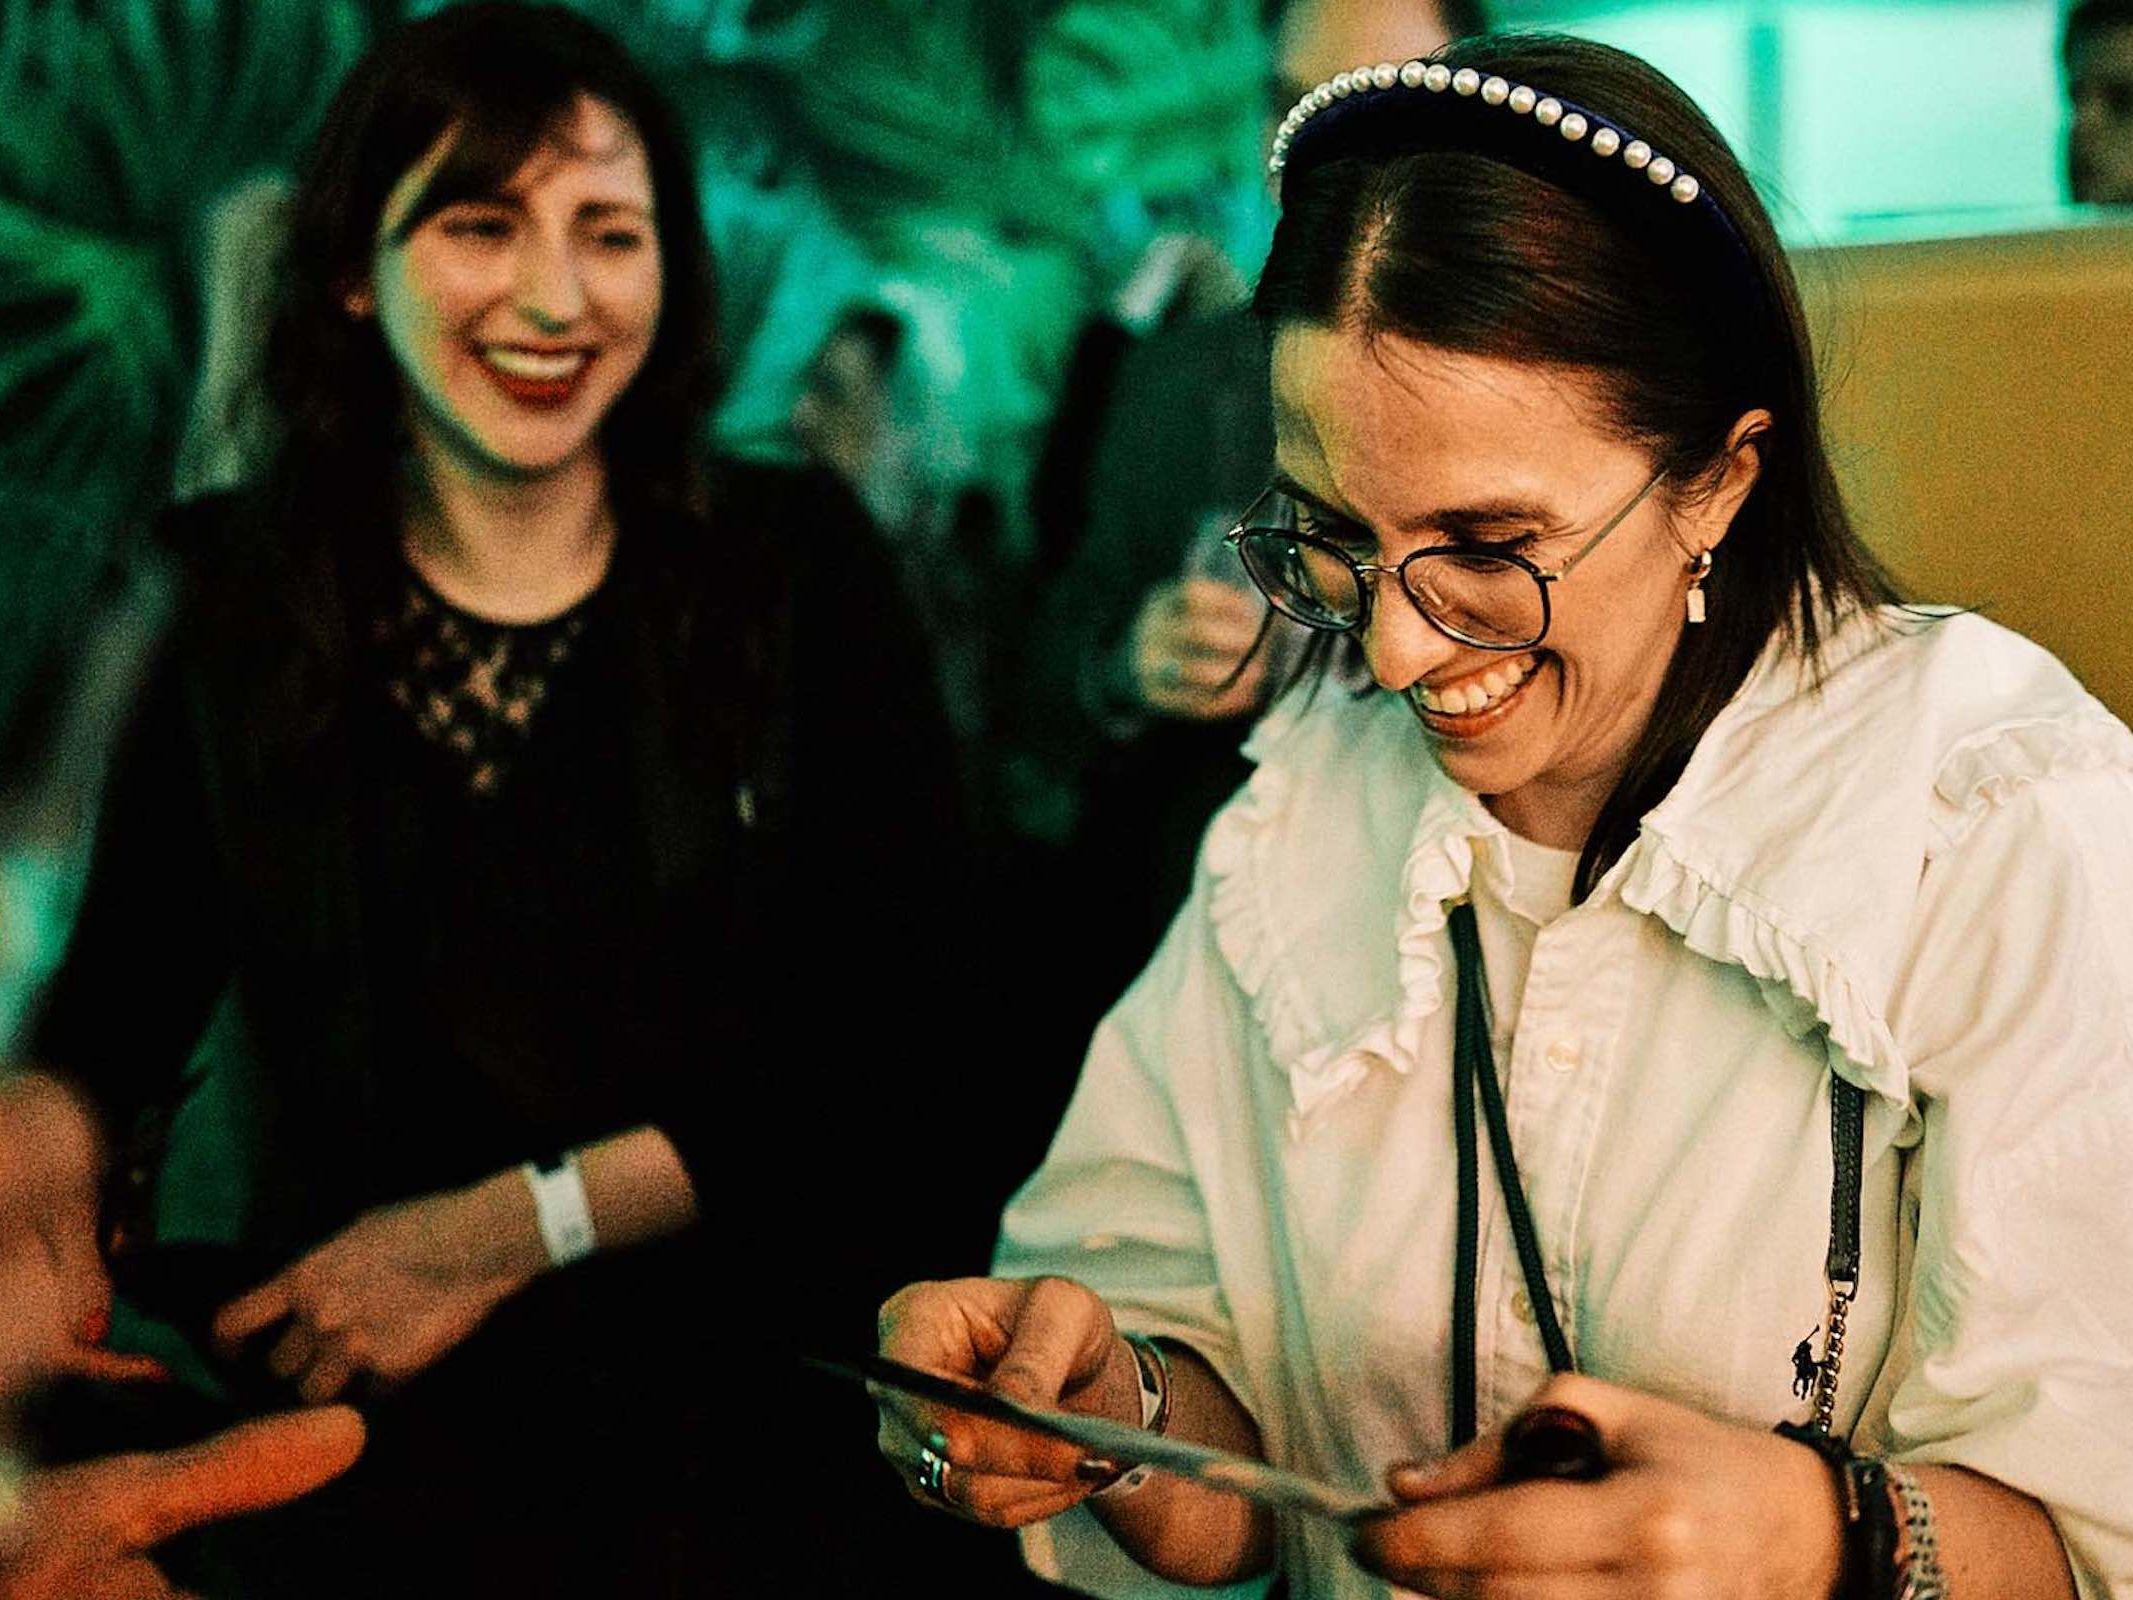 Fotobox | Hannover | Hameln | Peine | Braunschweig | Mieten | Hochzeit | Mieten | Fotoautomat | Photobooth | Sofortdruck | Druck | Flatrate | Buchen | Referenz | Anfragen | Lehmann | Eventservice